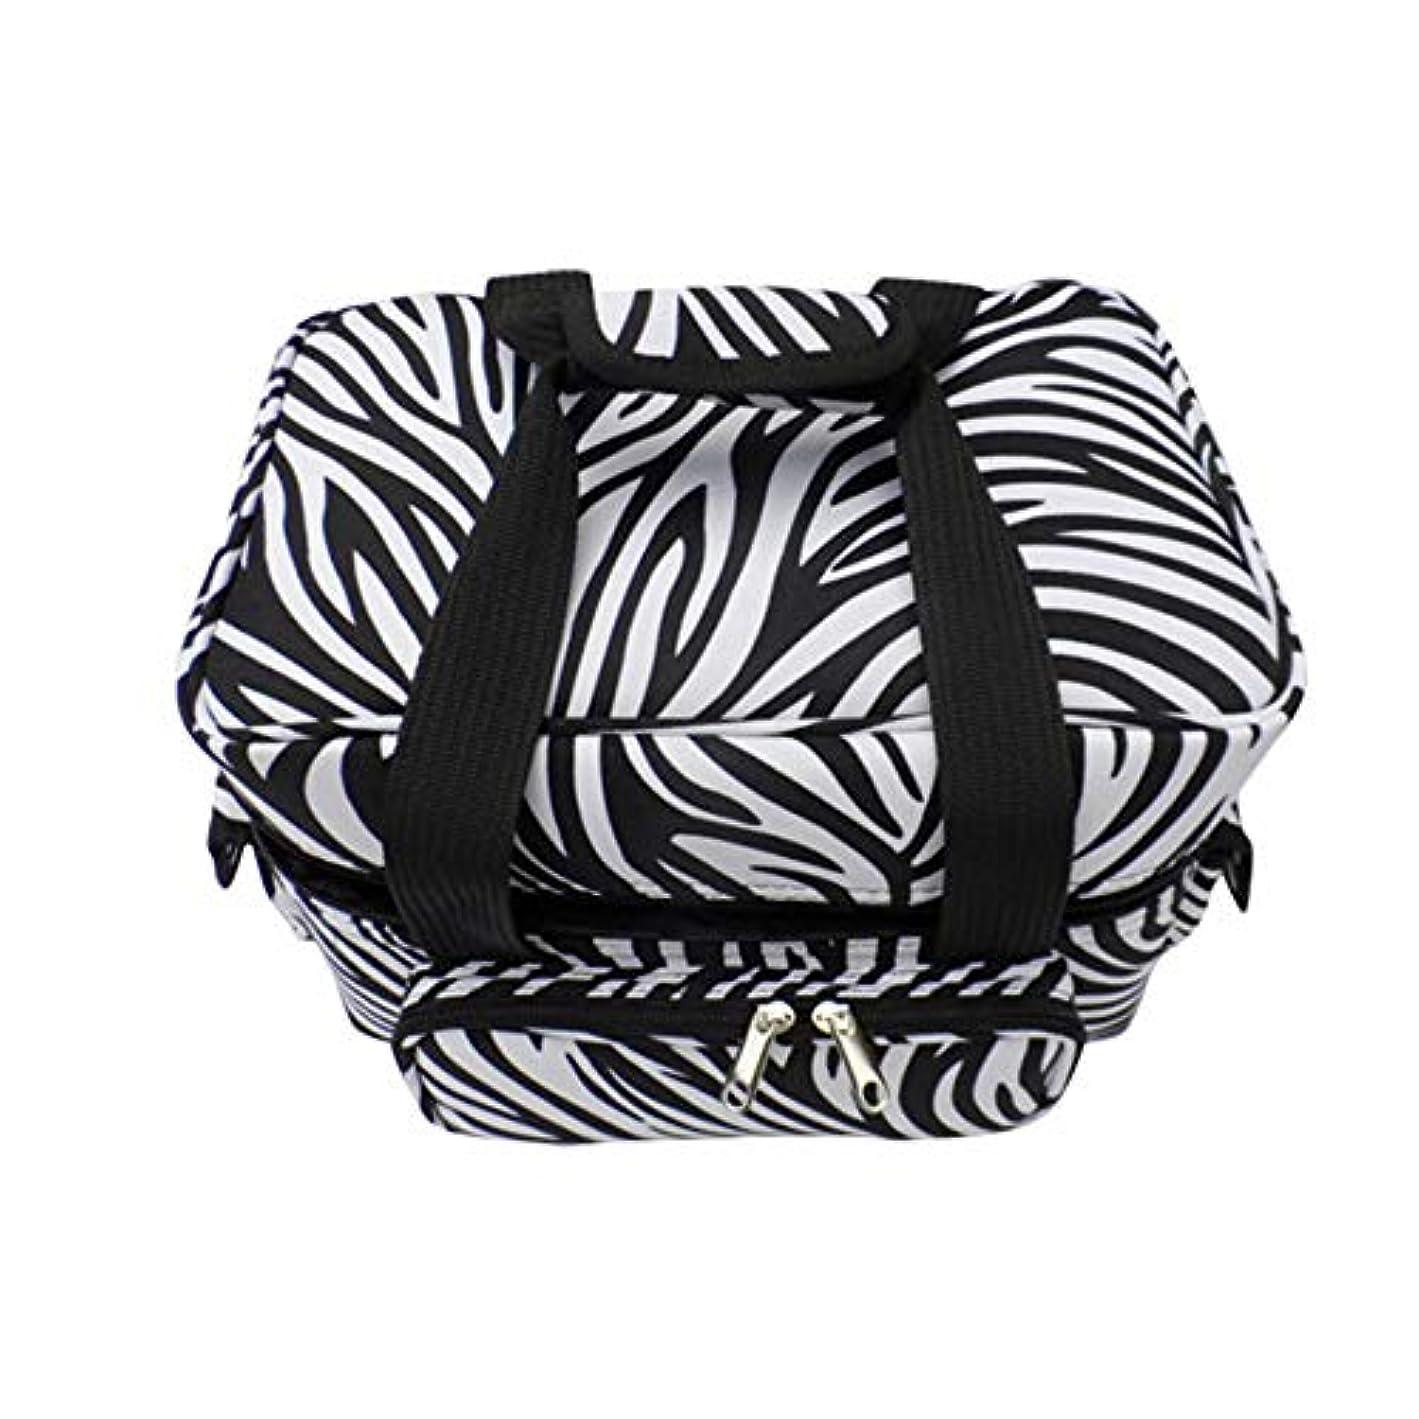 コートいろいろ公使館化粧オーガナイザーバッグ ゼブラストライプポータブル化粧品バッグ美容メイクアップと女の子女性旅行とジッパーとトレイで毎日のストレージ 化粧品ケース